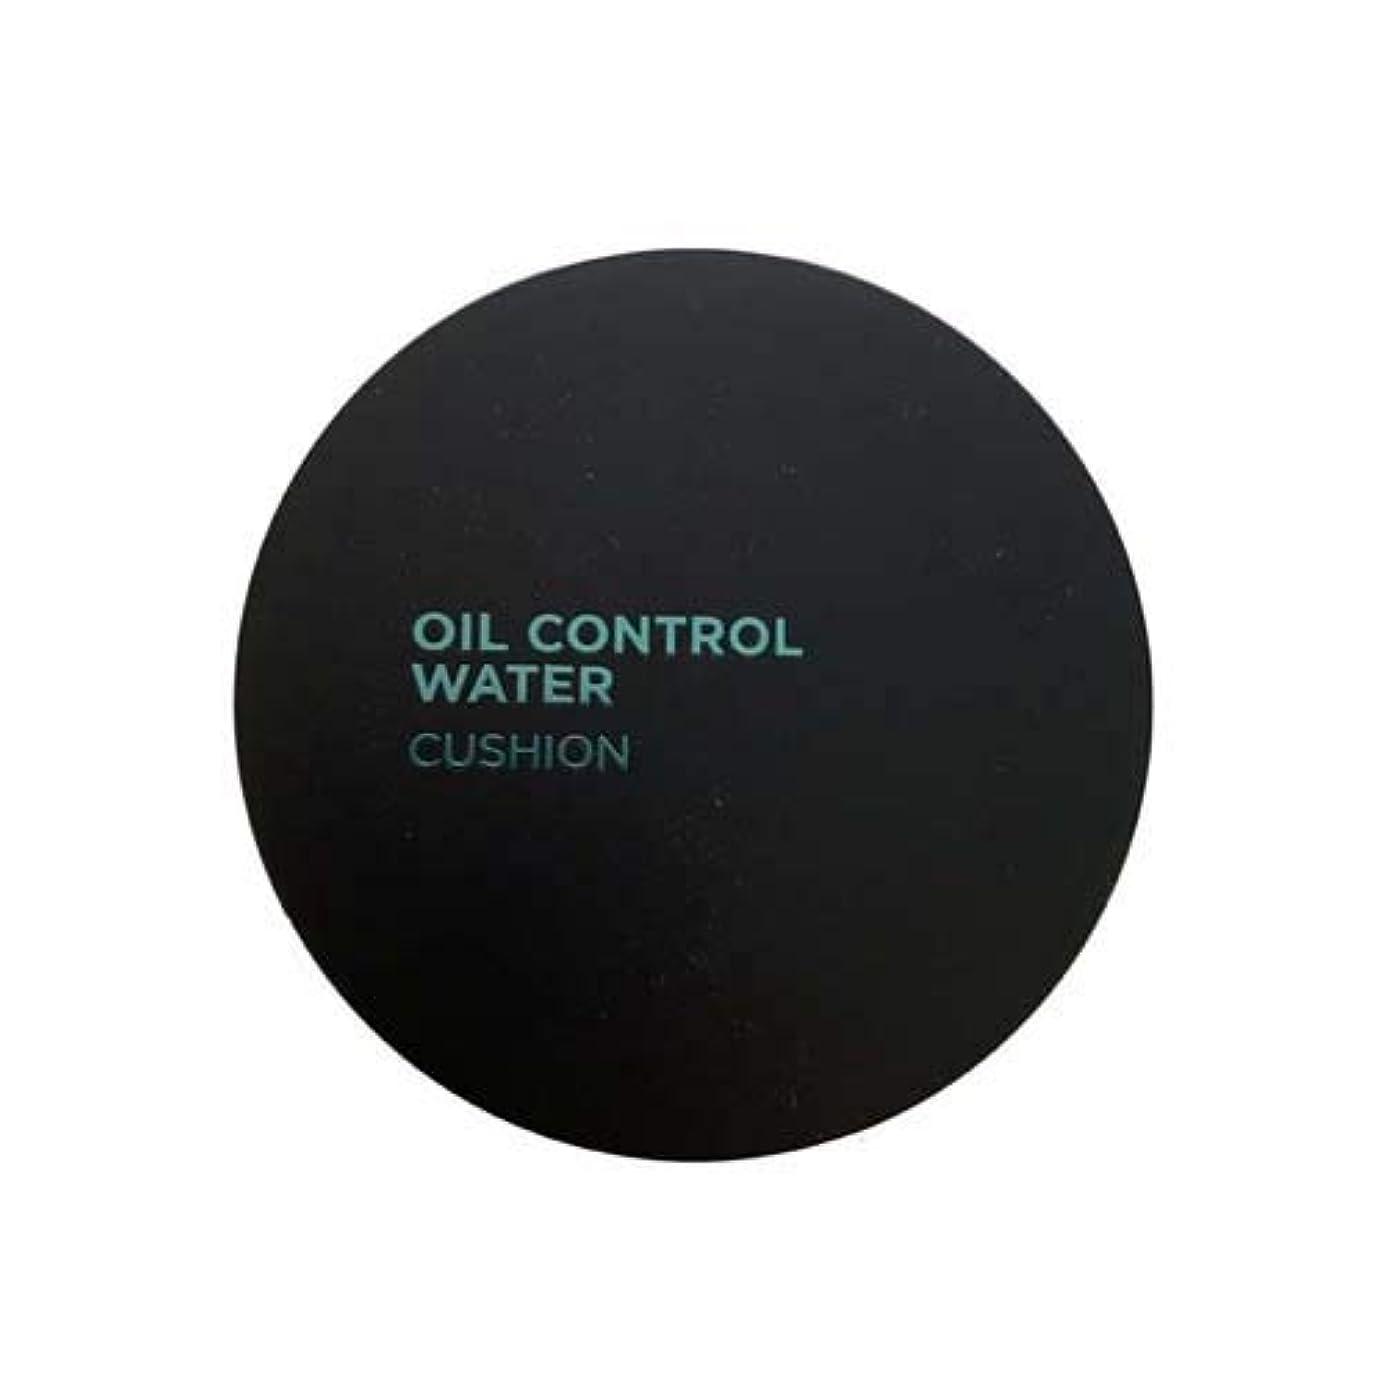 [ザ?フェイスショップ] THE FACE SHOP [オイルコントロール水分クッションEX SPF50+ PA+++15g] Oil Control Water Cushion EX 15g [海外直送品] (V203...